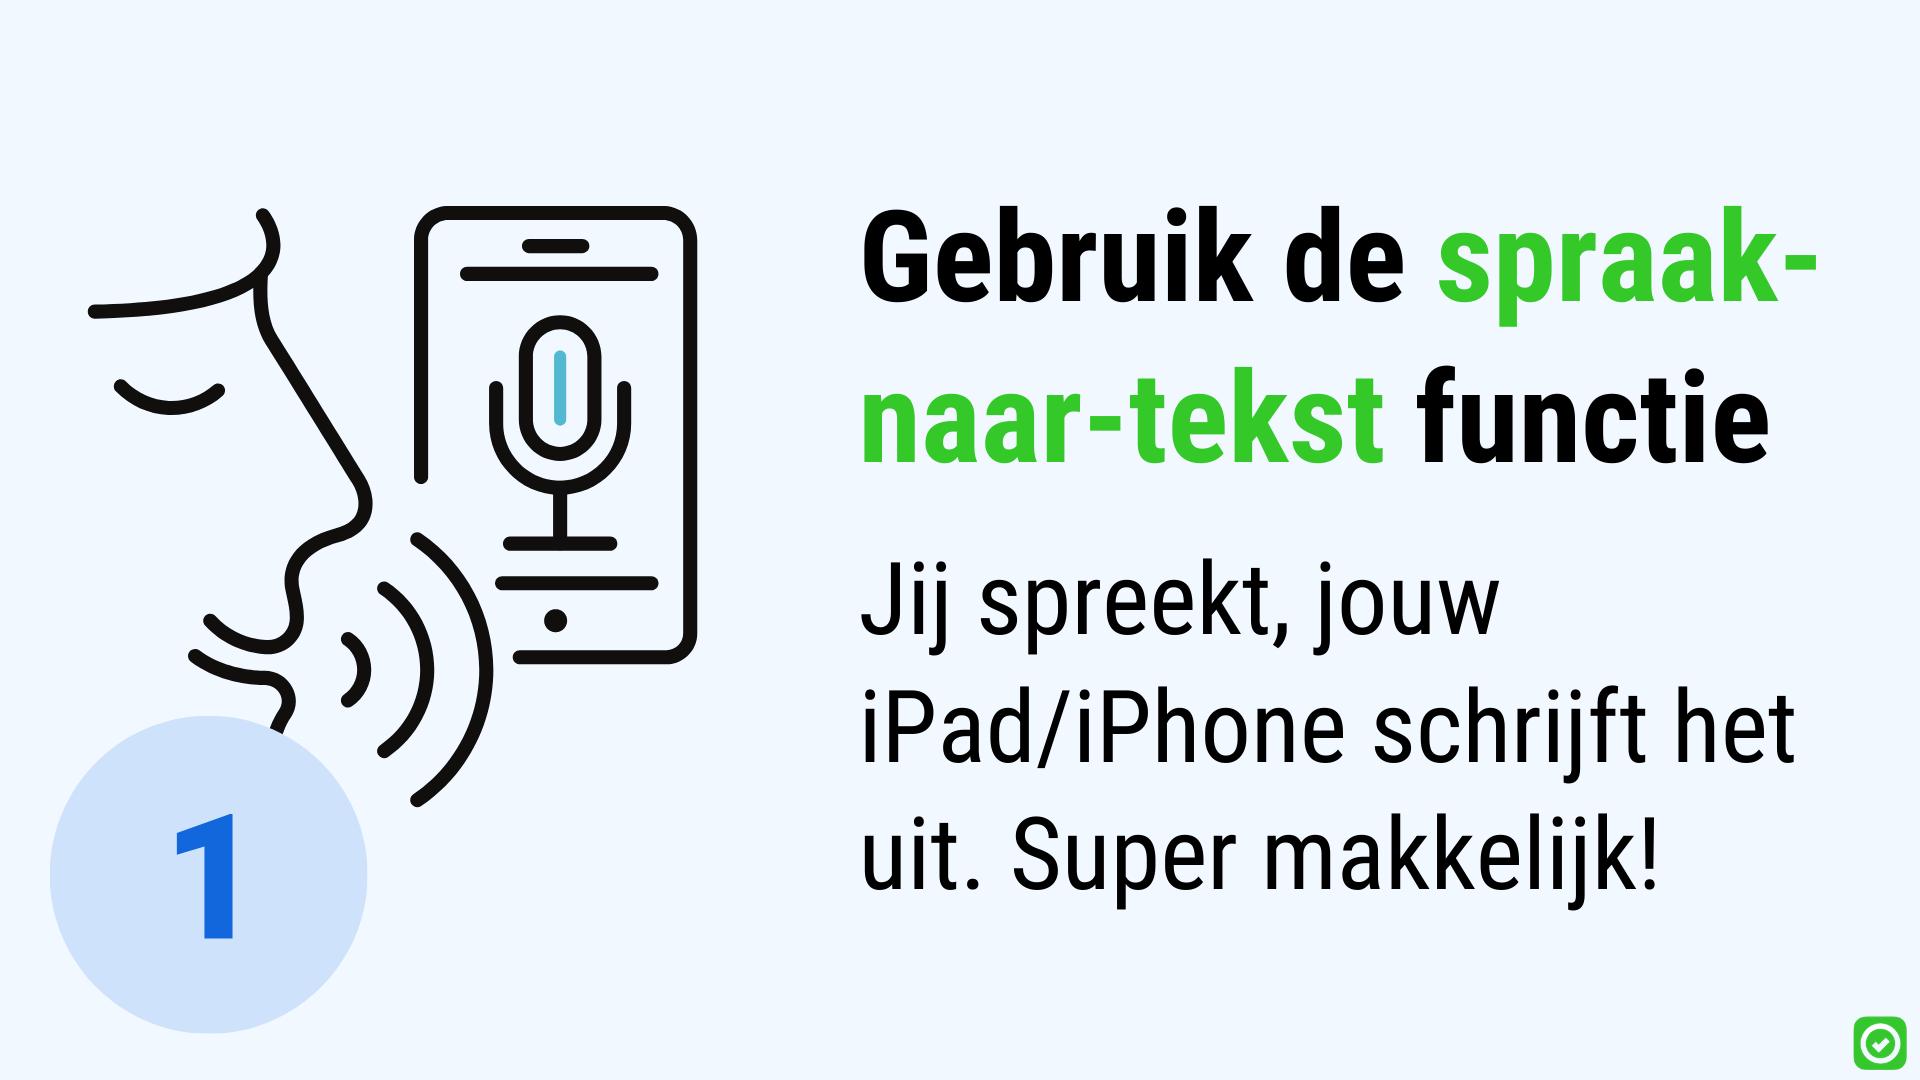 Gebruik de spraak-naar-tekst functie op je iphone ipad op de werf